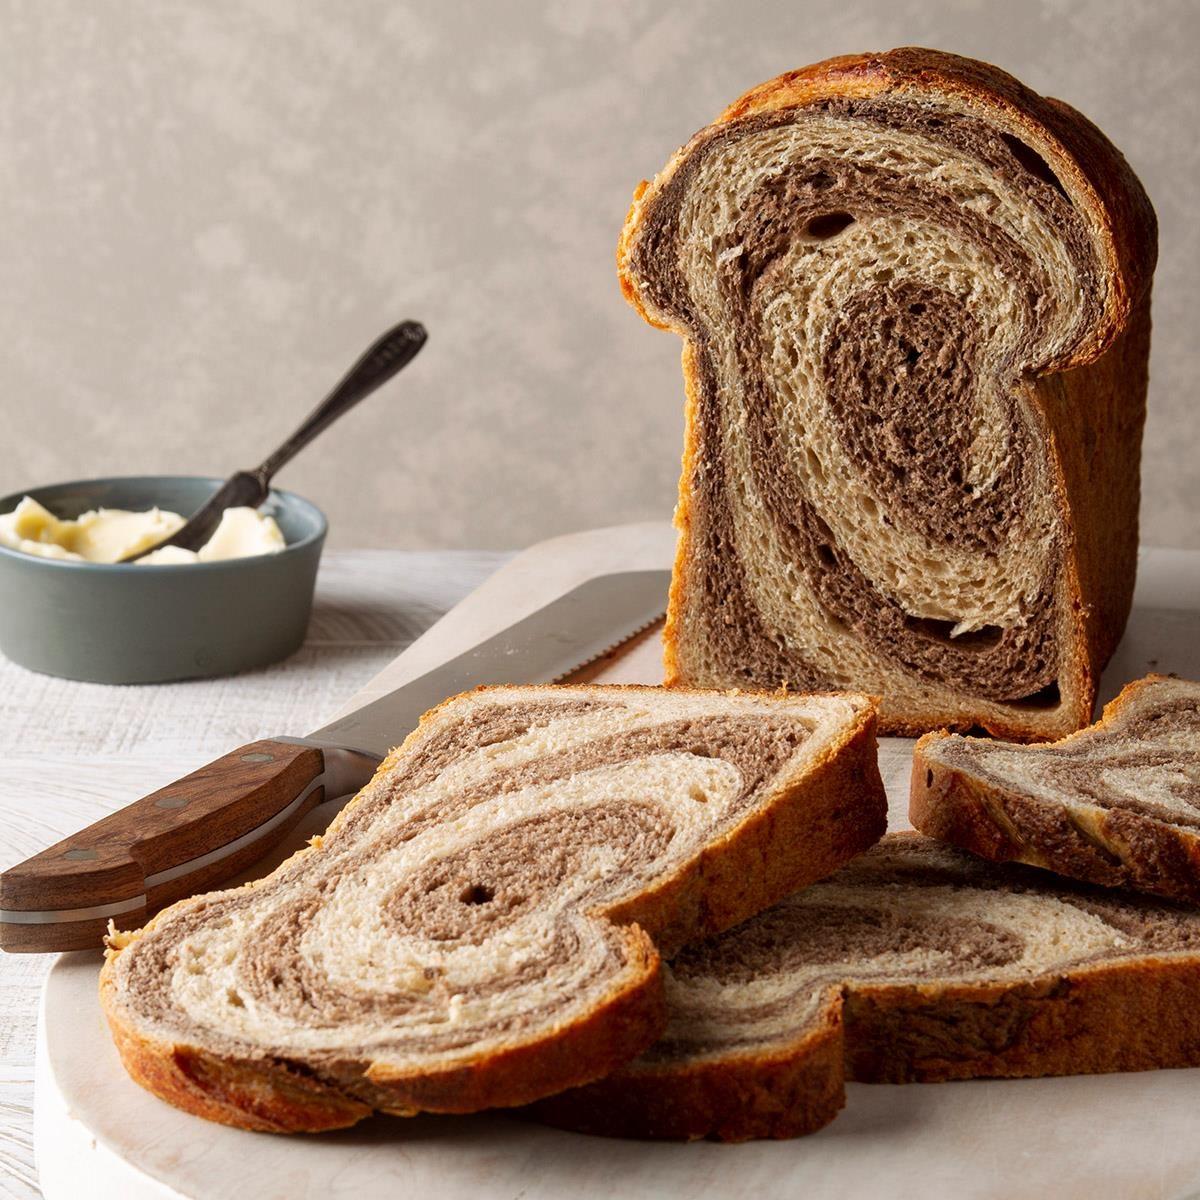 Josh S Marbled Rye Bread Exps Tohcom 251793 F 0228 1 3